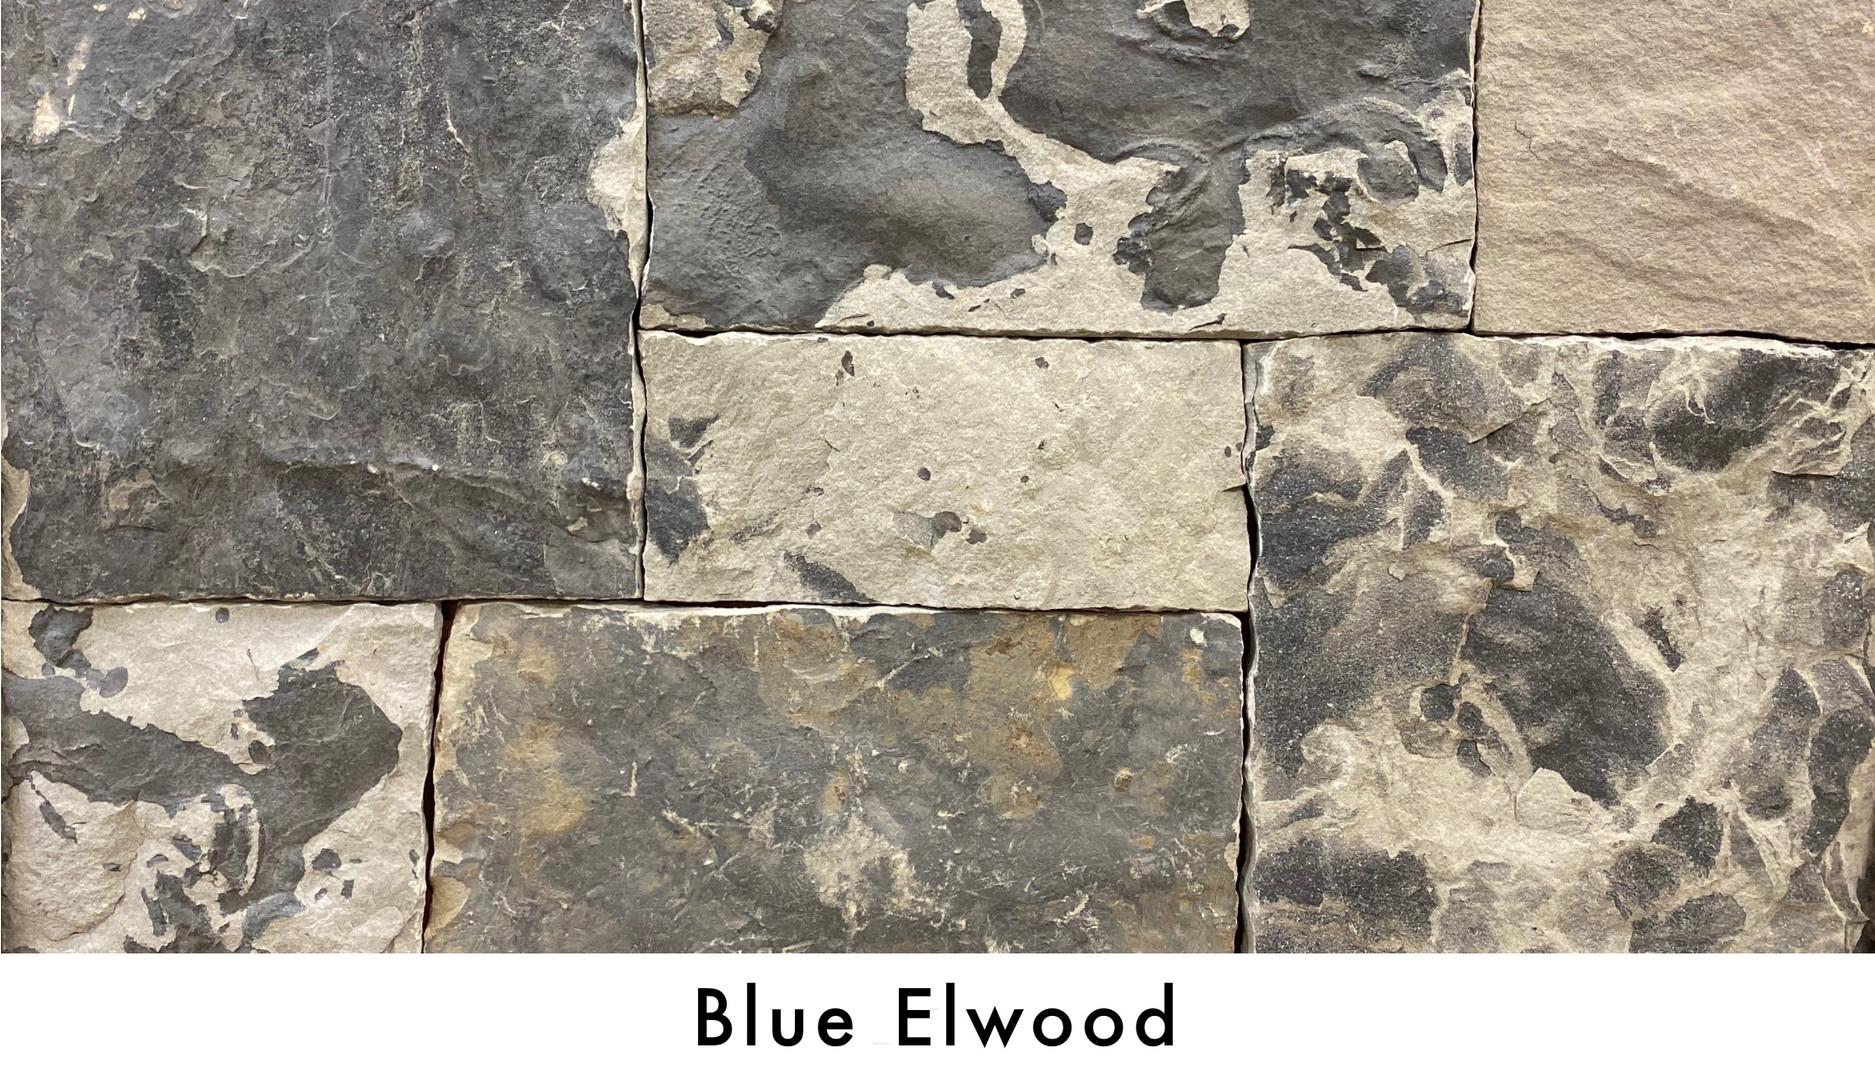 Blue Elwood